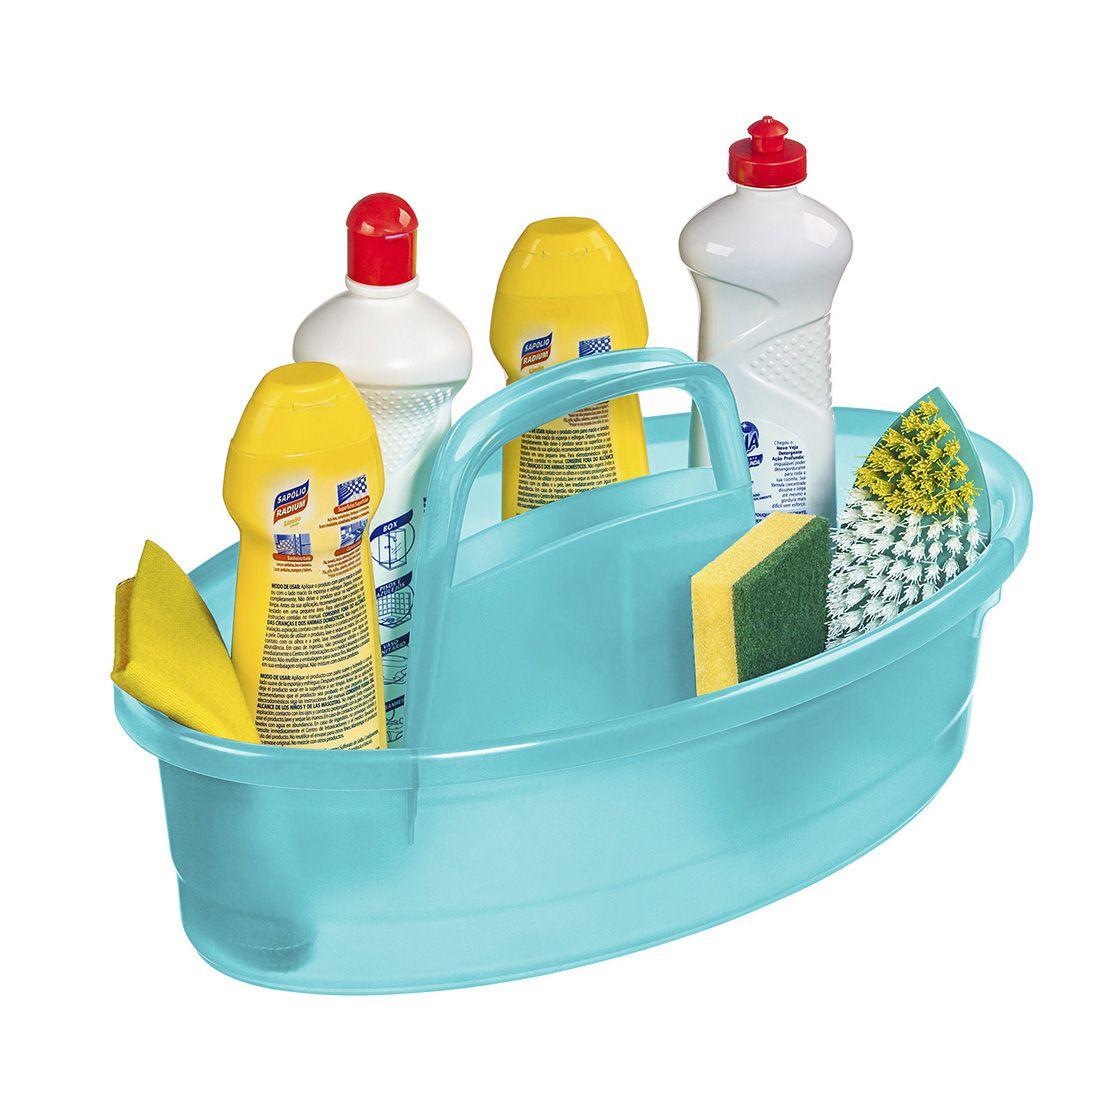 Balaio para Limpeza Oval Plástico Azul Tiffany Sanremo 6L